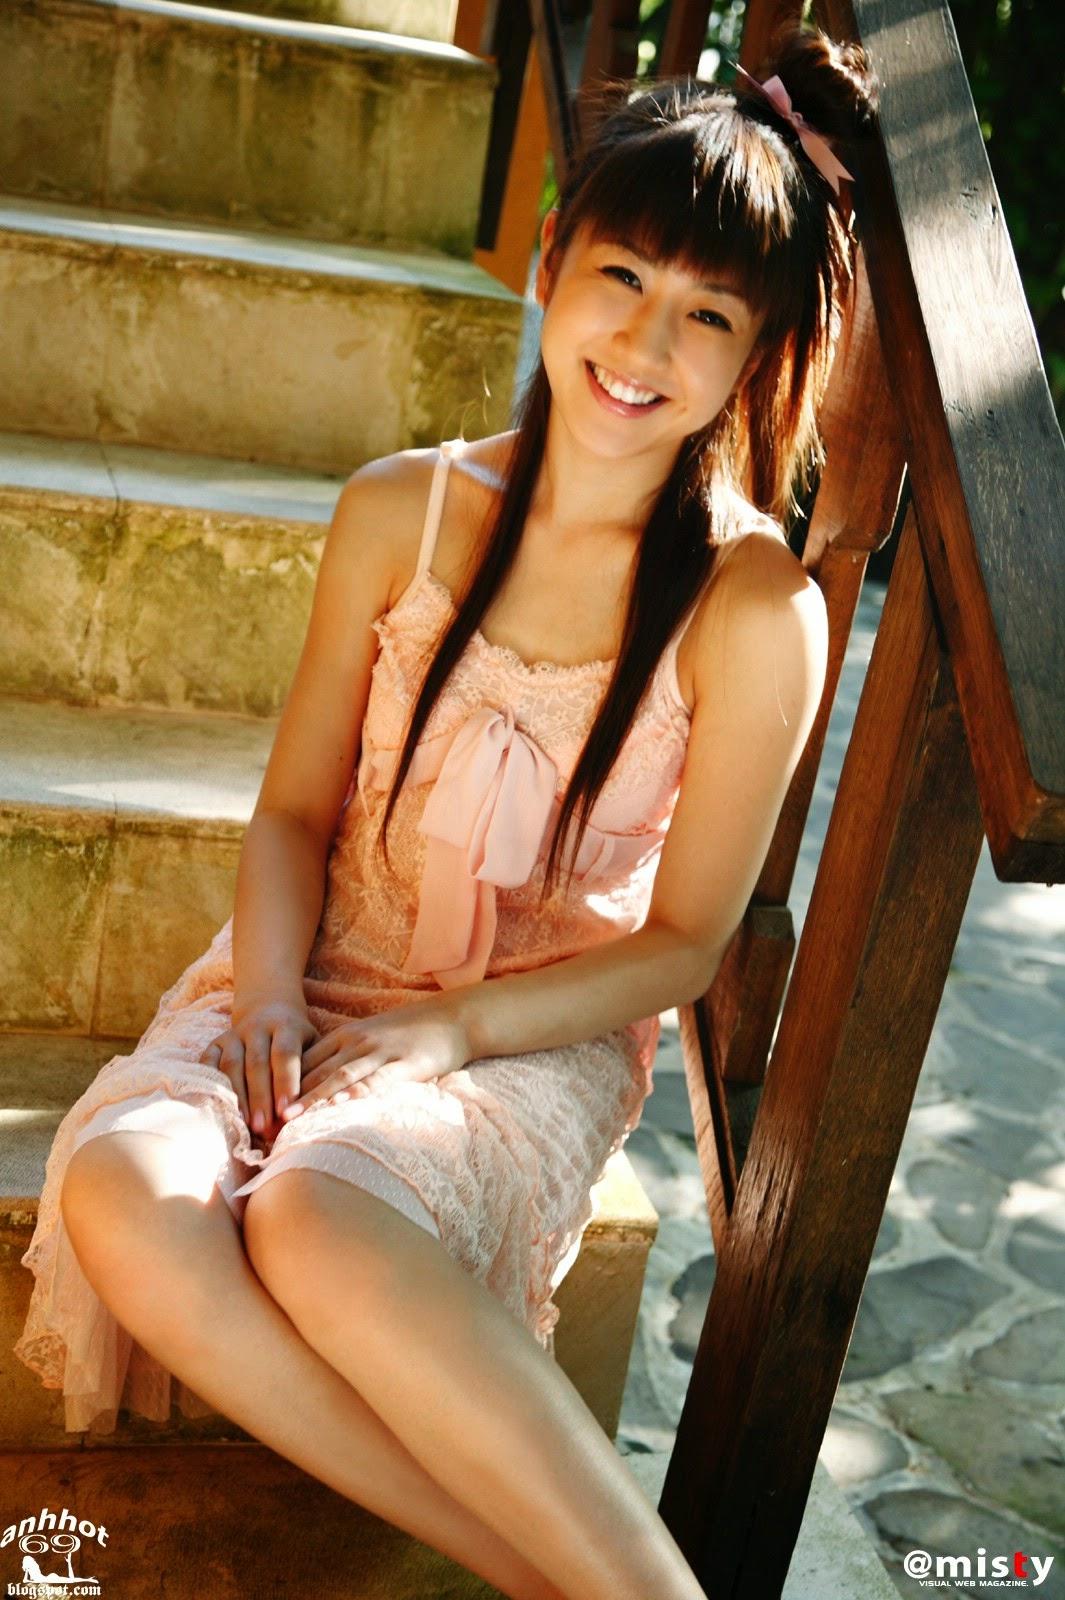 chise-nakamura-00997922